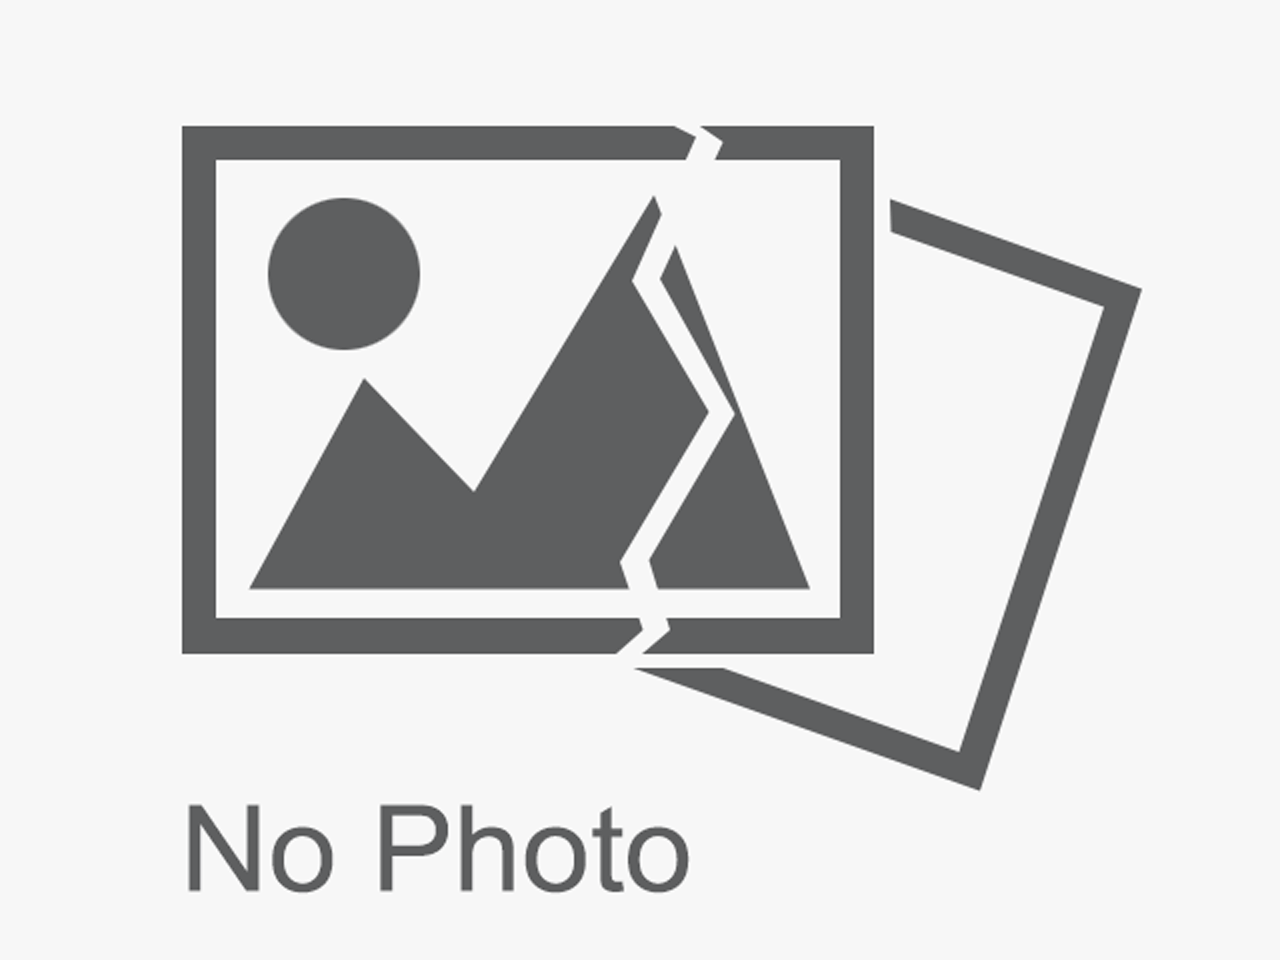 Használt SKODA OCTAVIA II 1.4 Bal gólyaláb csonkállvánnyal (Lengécsillapító,rugó,csonk) Alkatrész